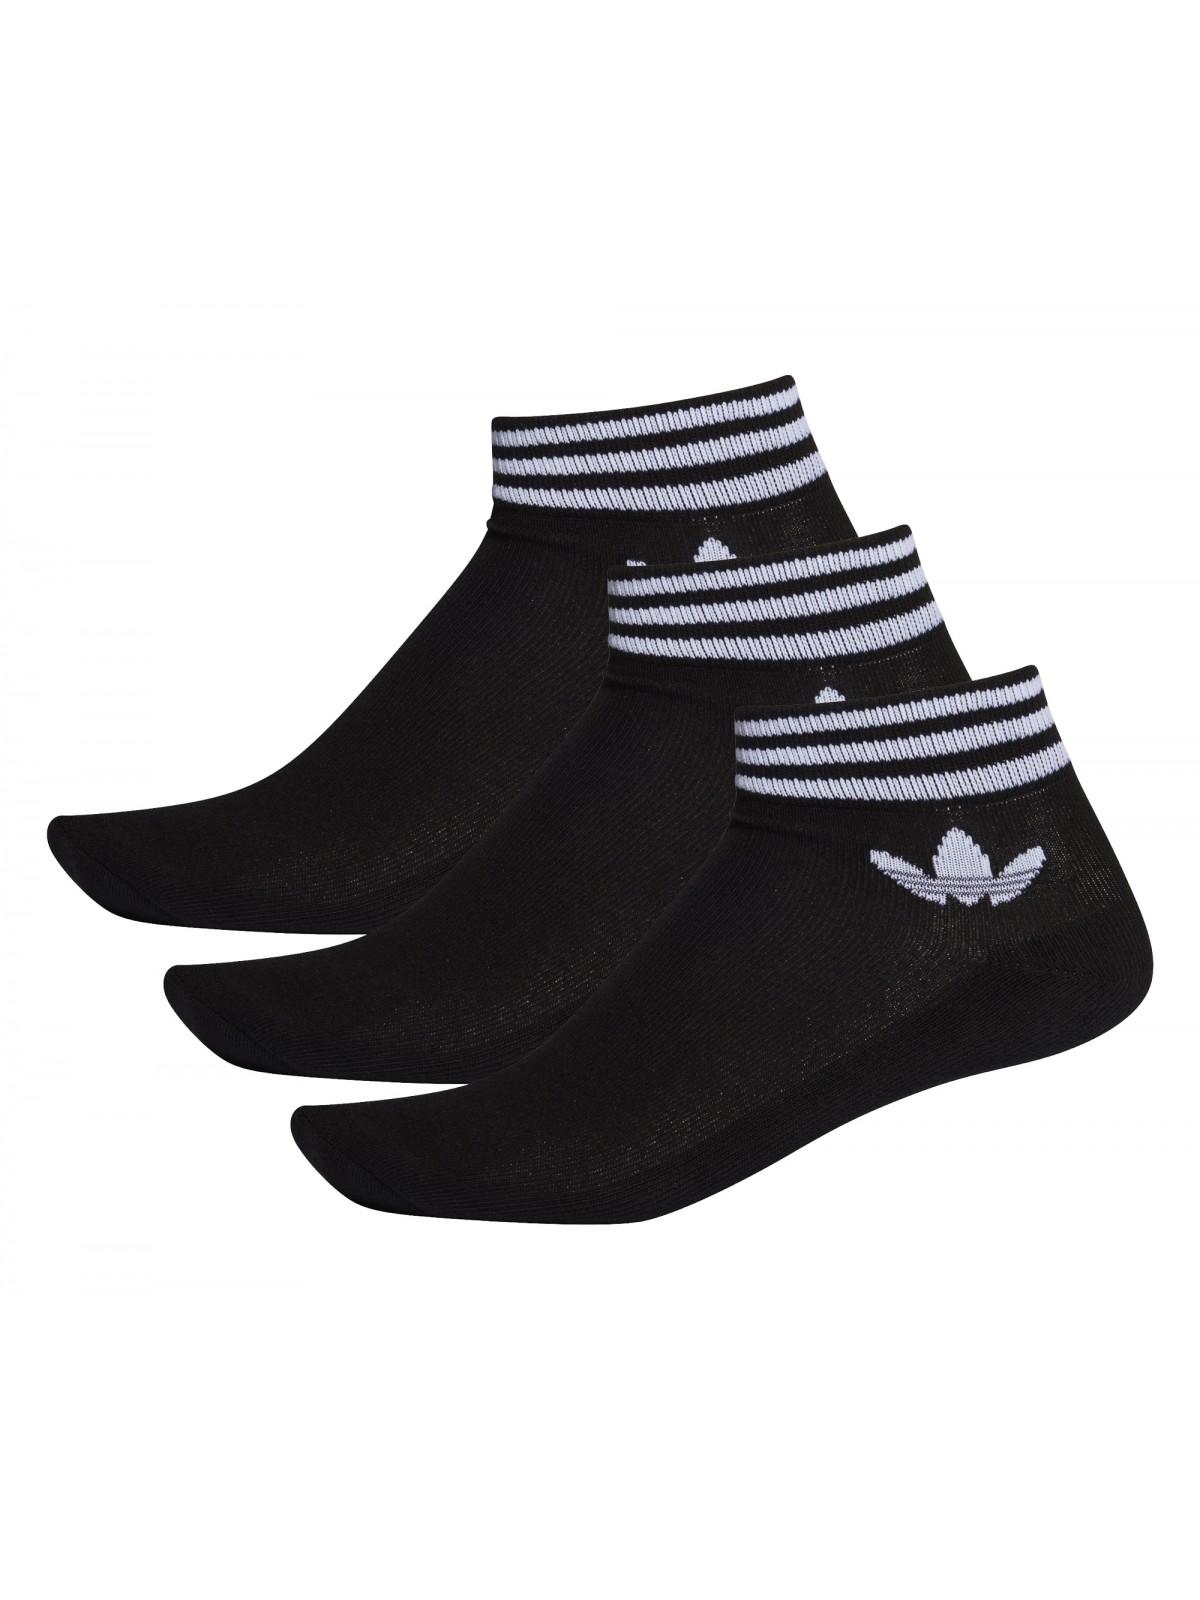 ADIDAS Chaussettes trefoil noir / blanc